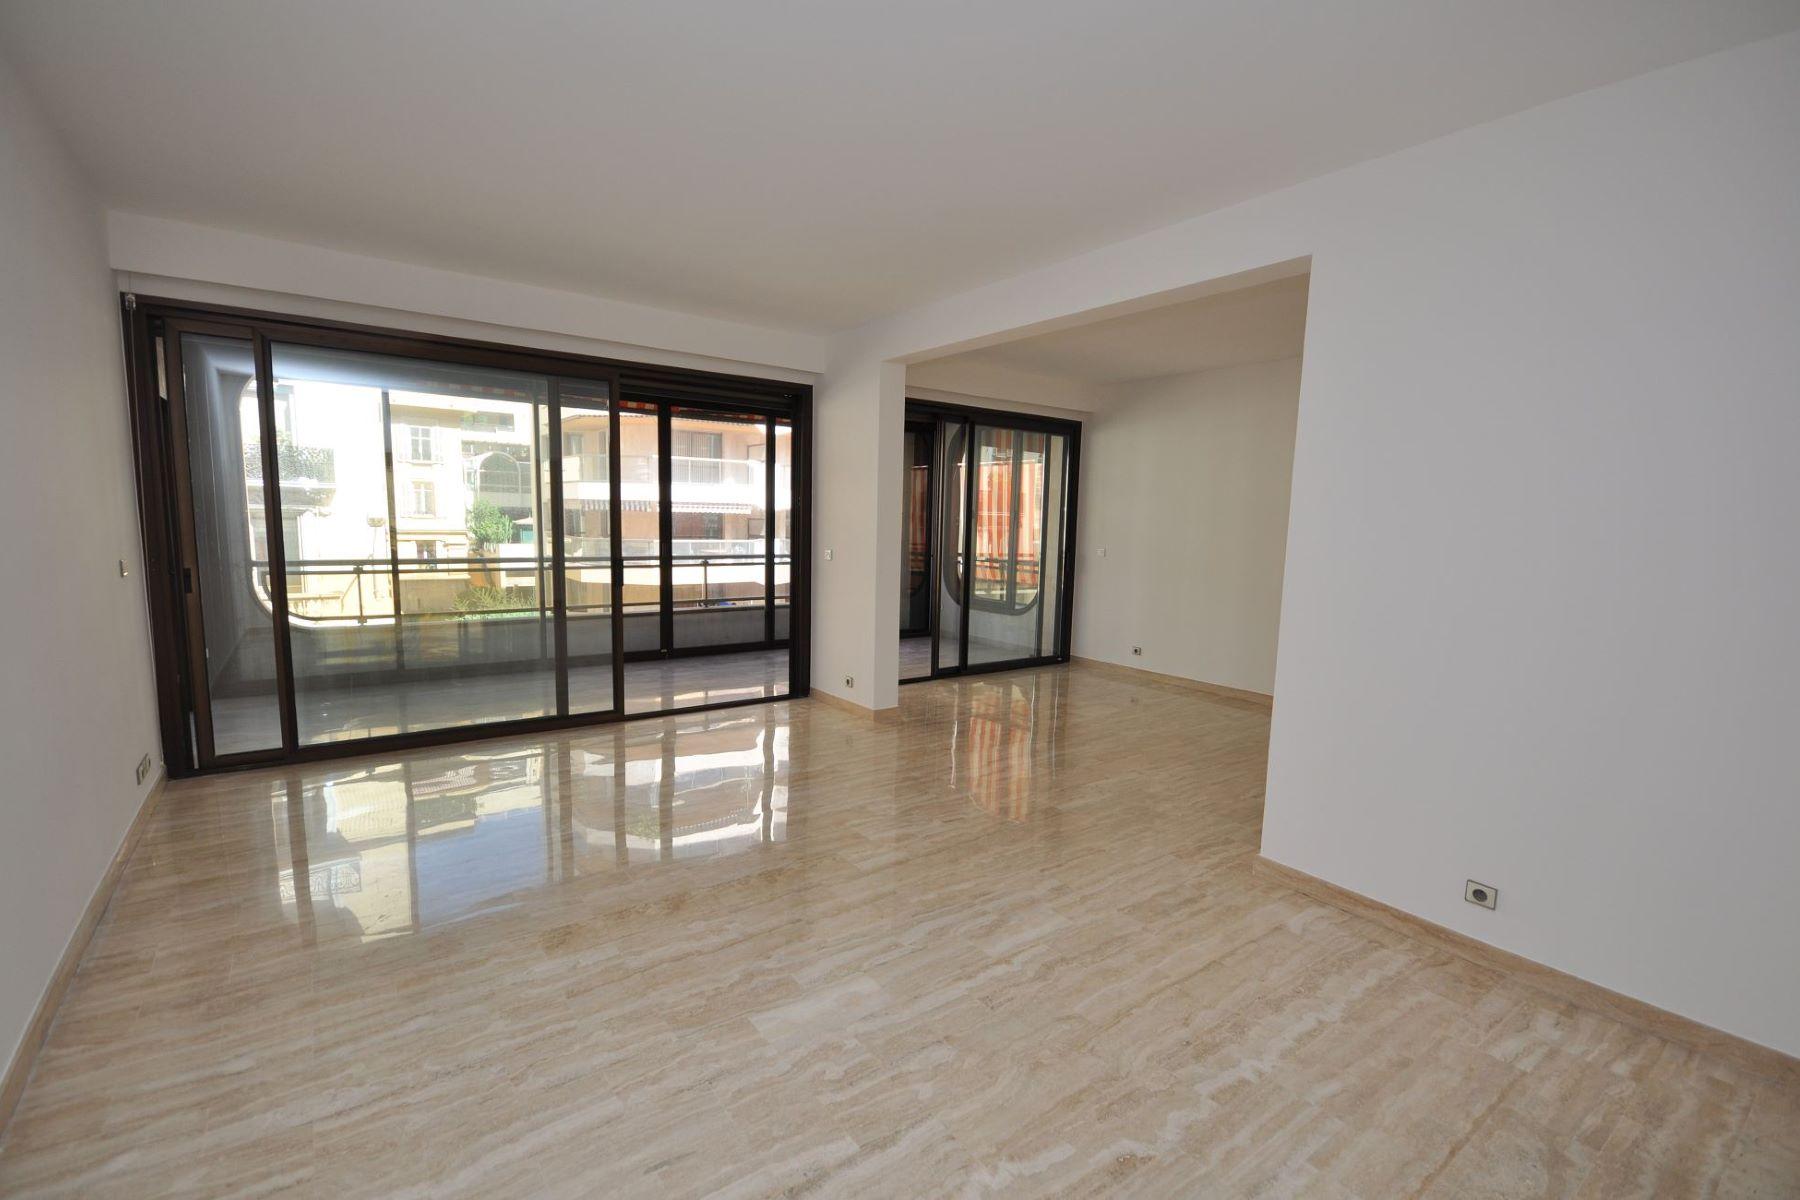 Appartement pour l à louer à Spacious 2/3 room apartment to rent, Carré d'Or Monaco, La Condamine, 98000 Monaco